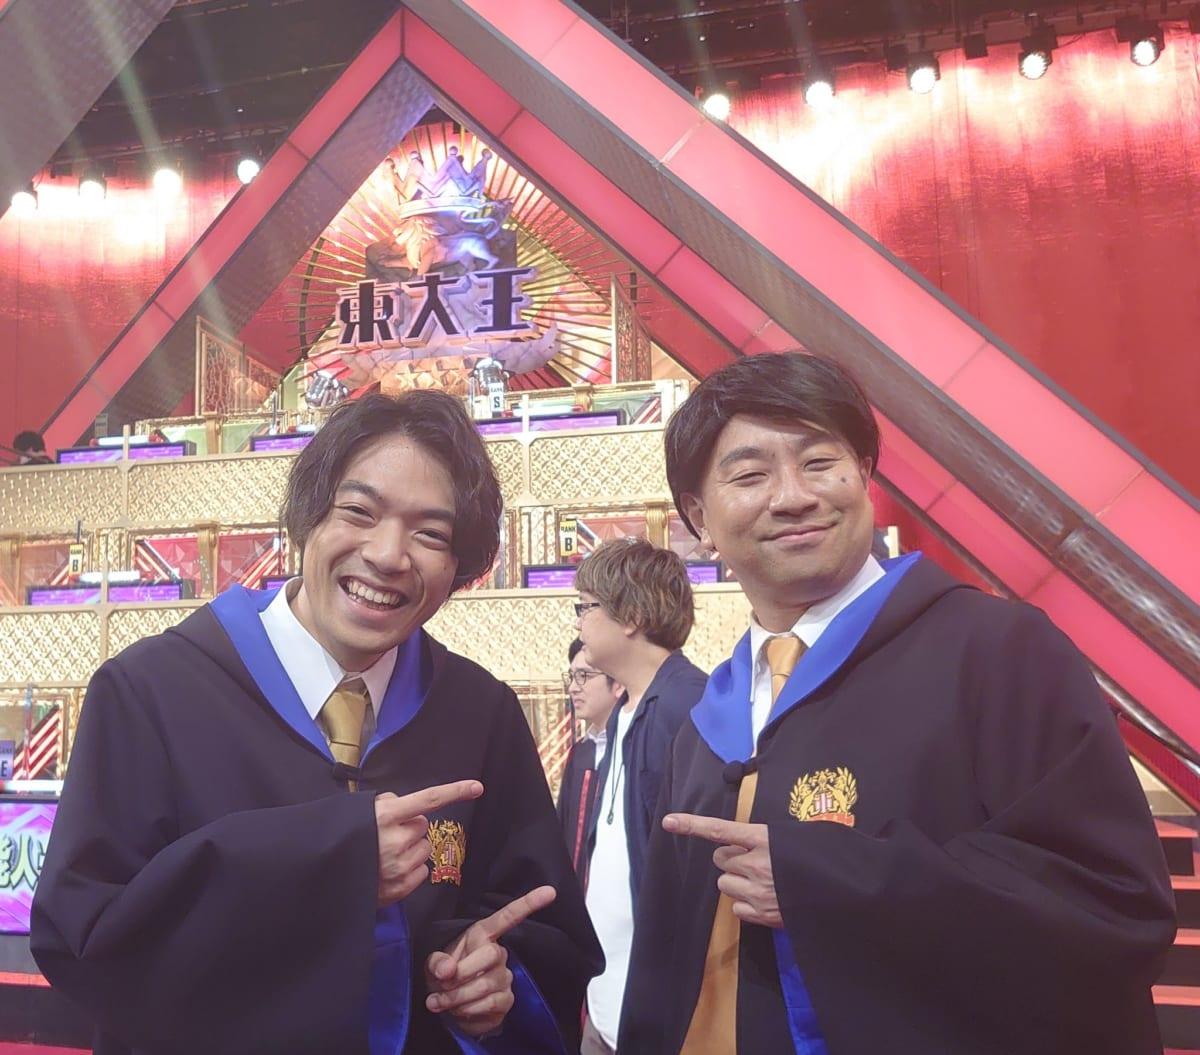 『東大王』クイズ王&ダブル伊沢拓司との対決! 5連勝で北海道に行きたい鶴崎